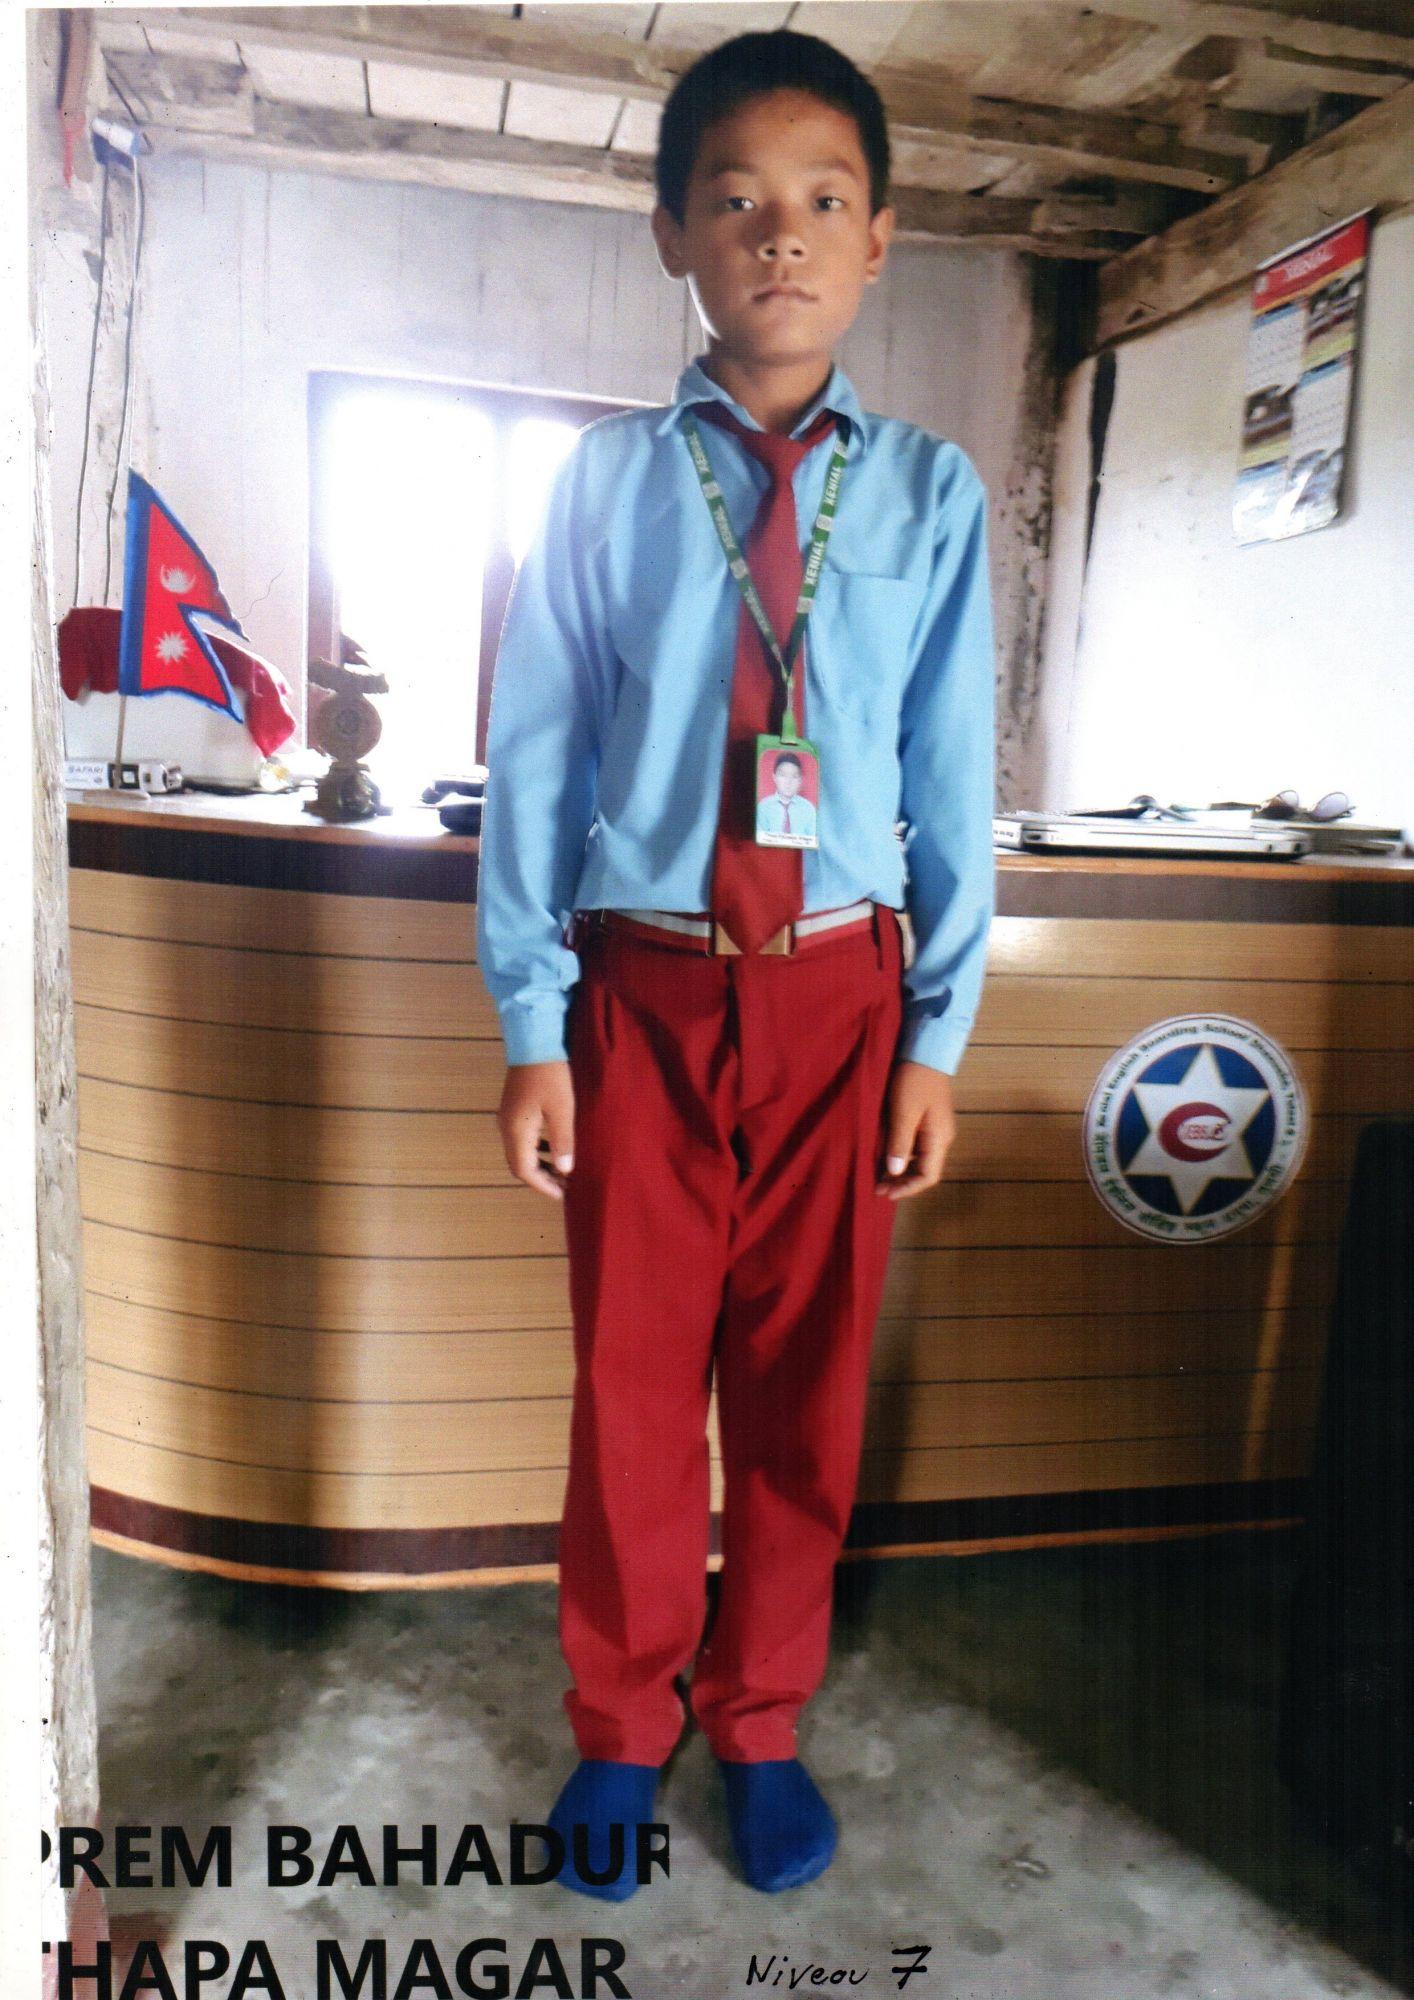 Prem Bahadur095